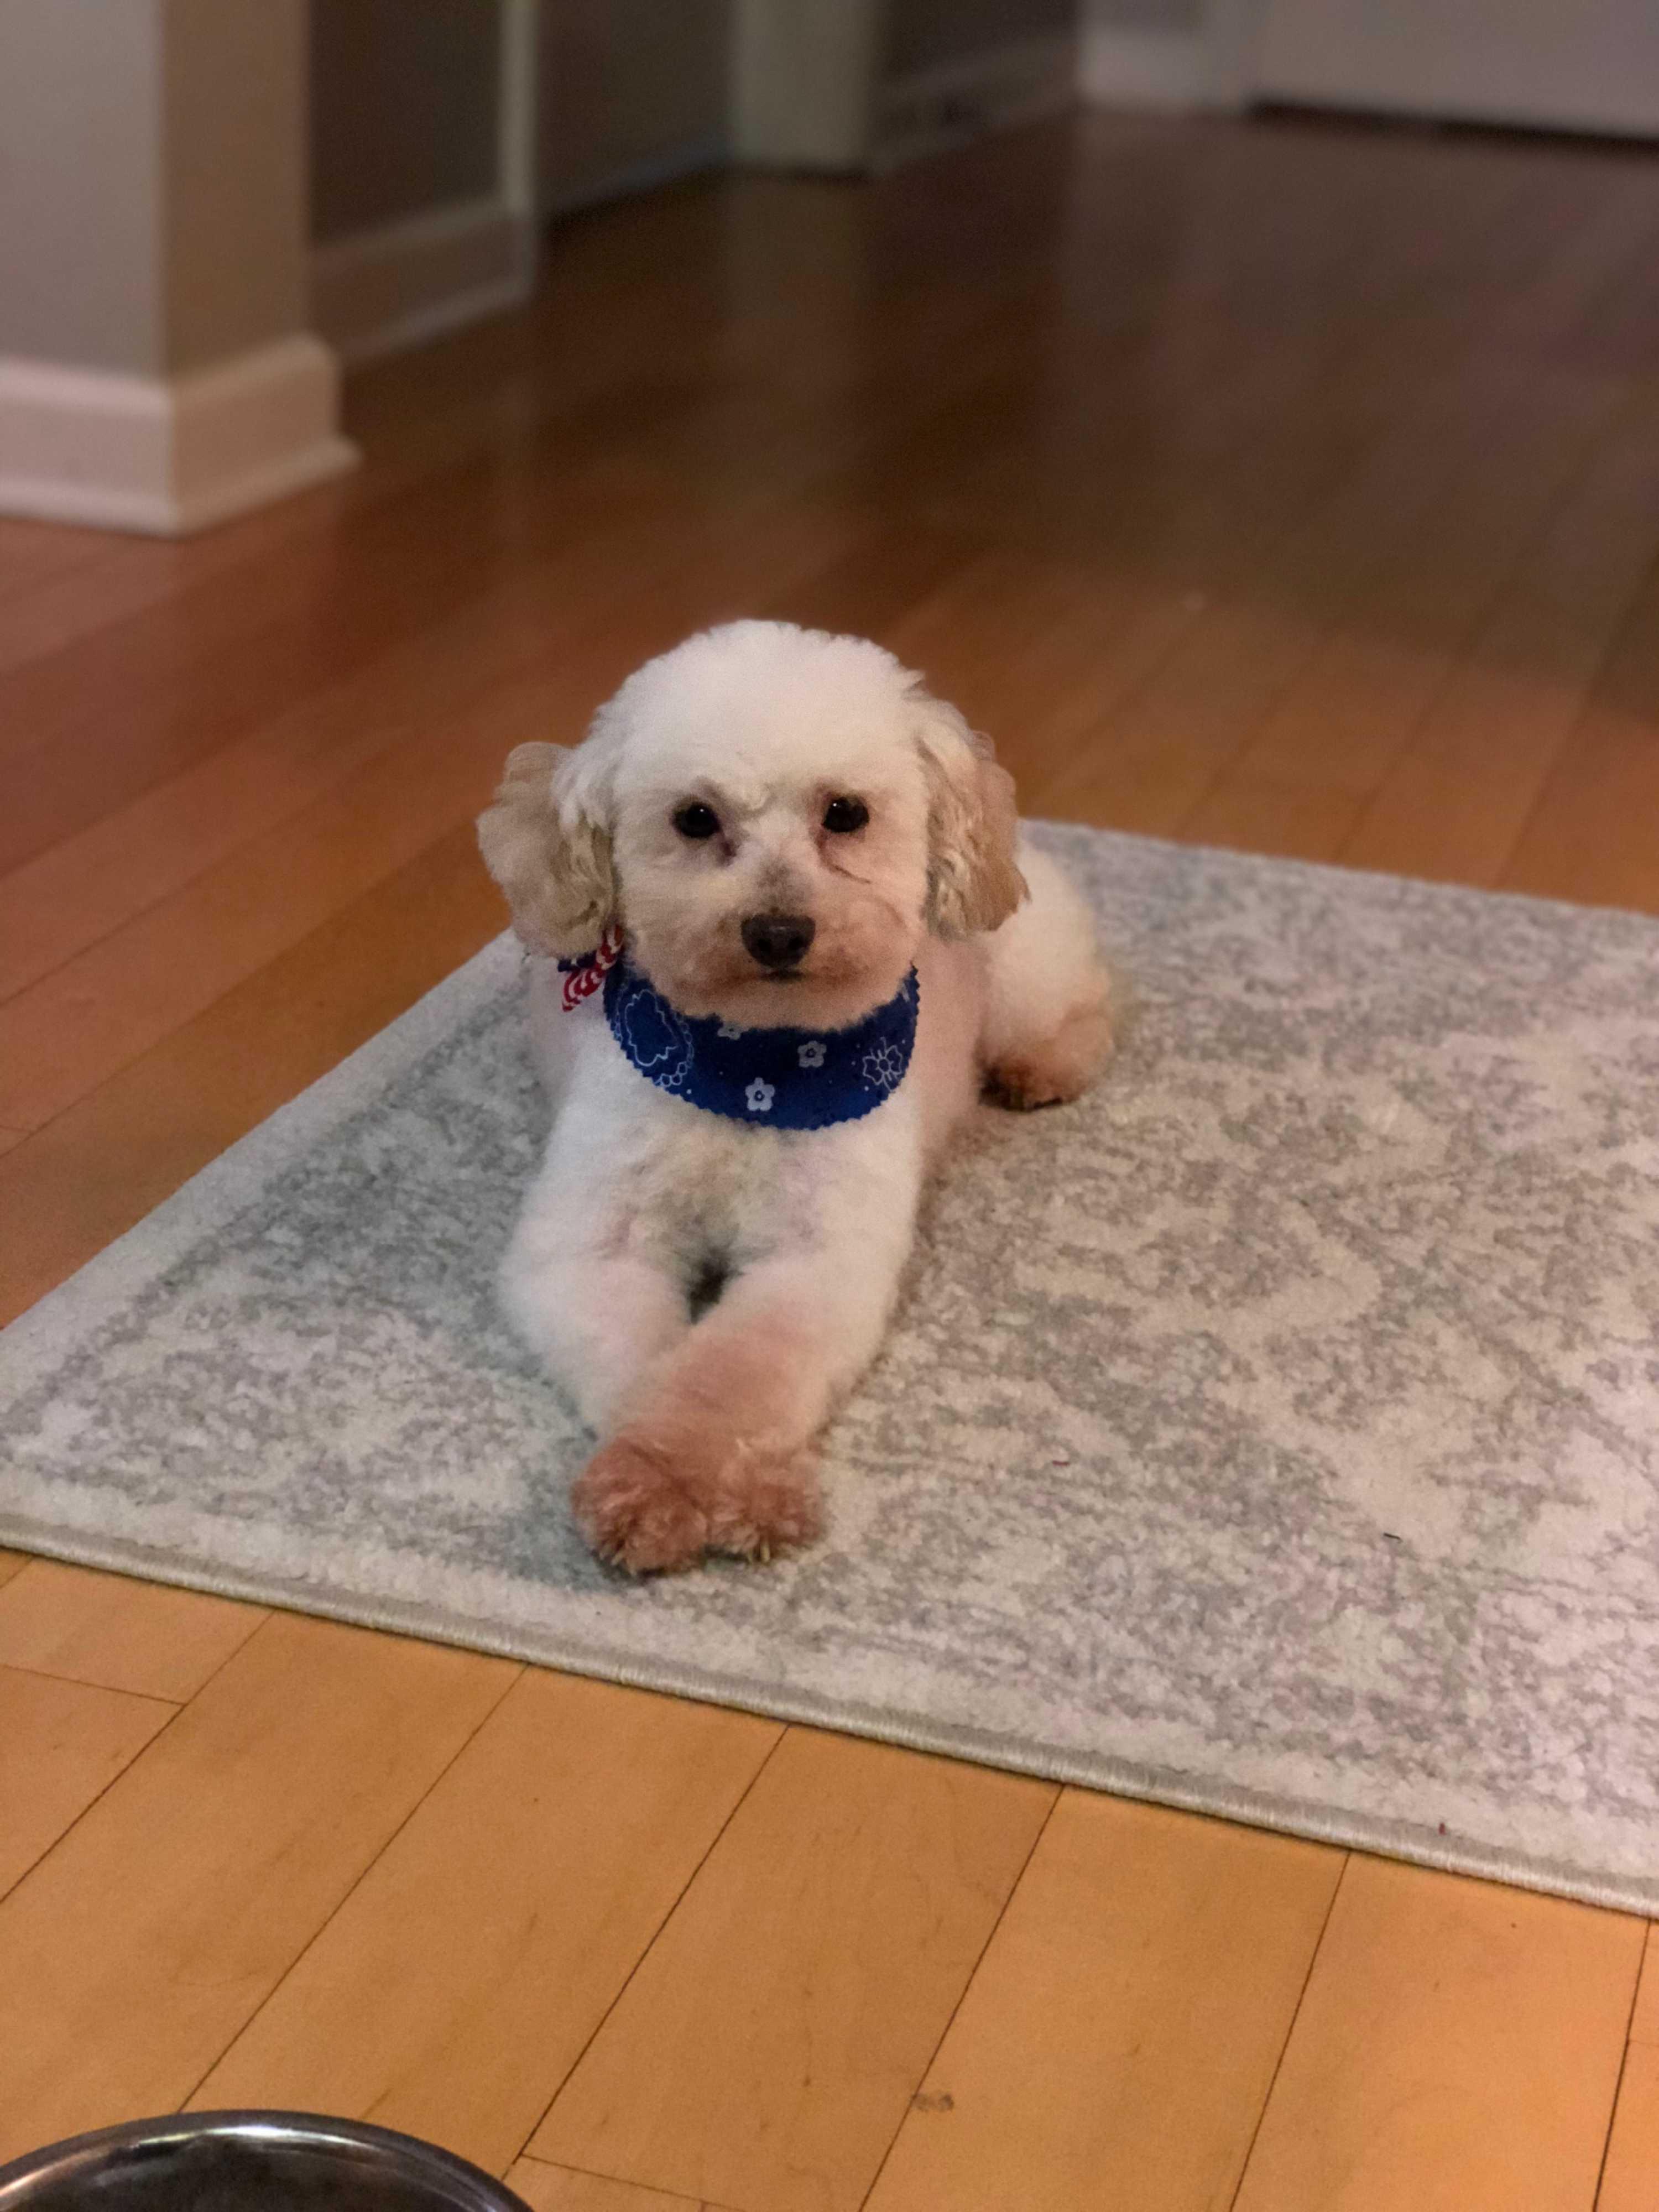 Nashville Tn Miniature Poodle Meet Ollie A Pet For Adoption